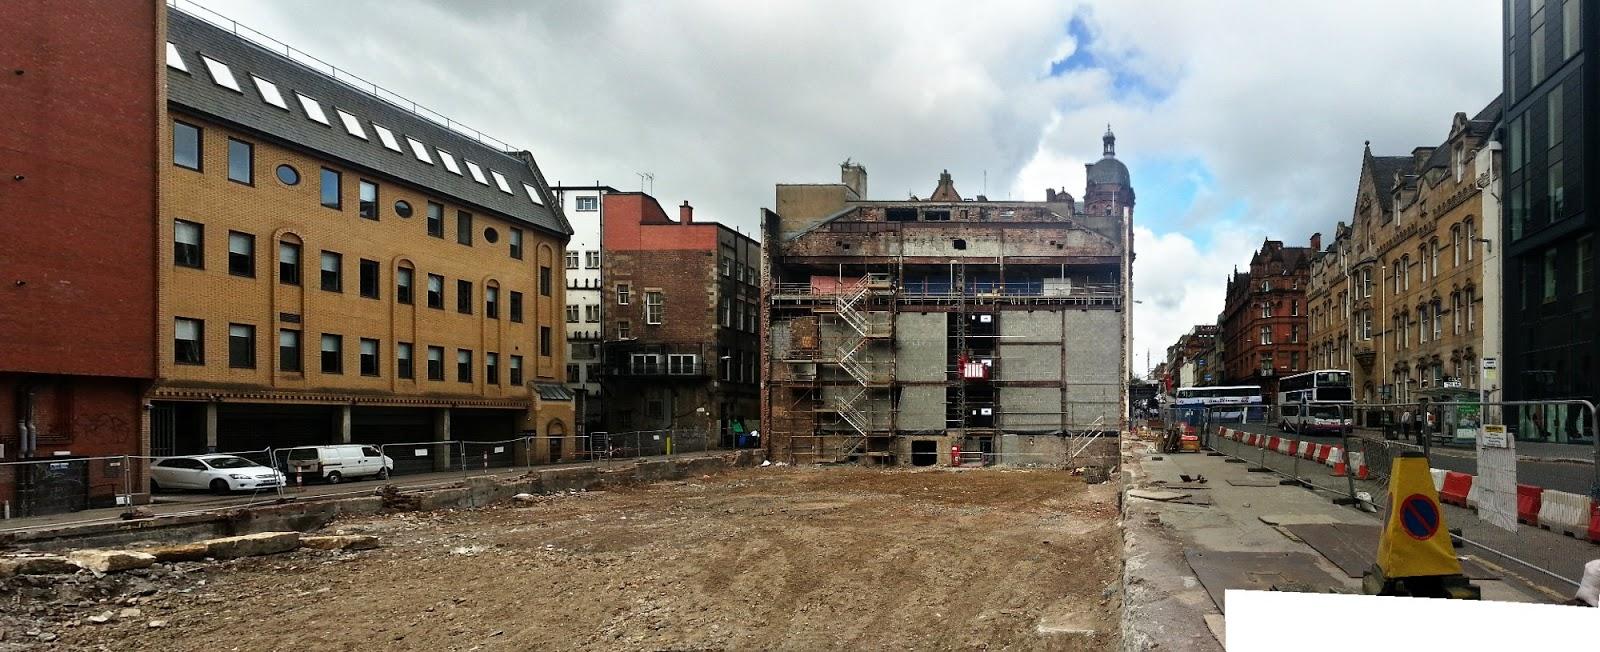 Odeon demolition complete, Glasgow